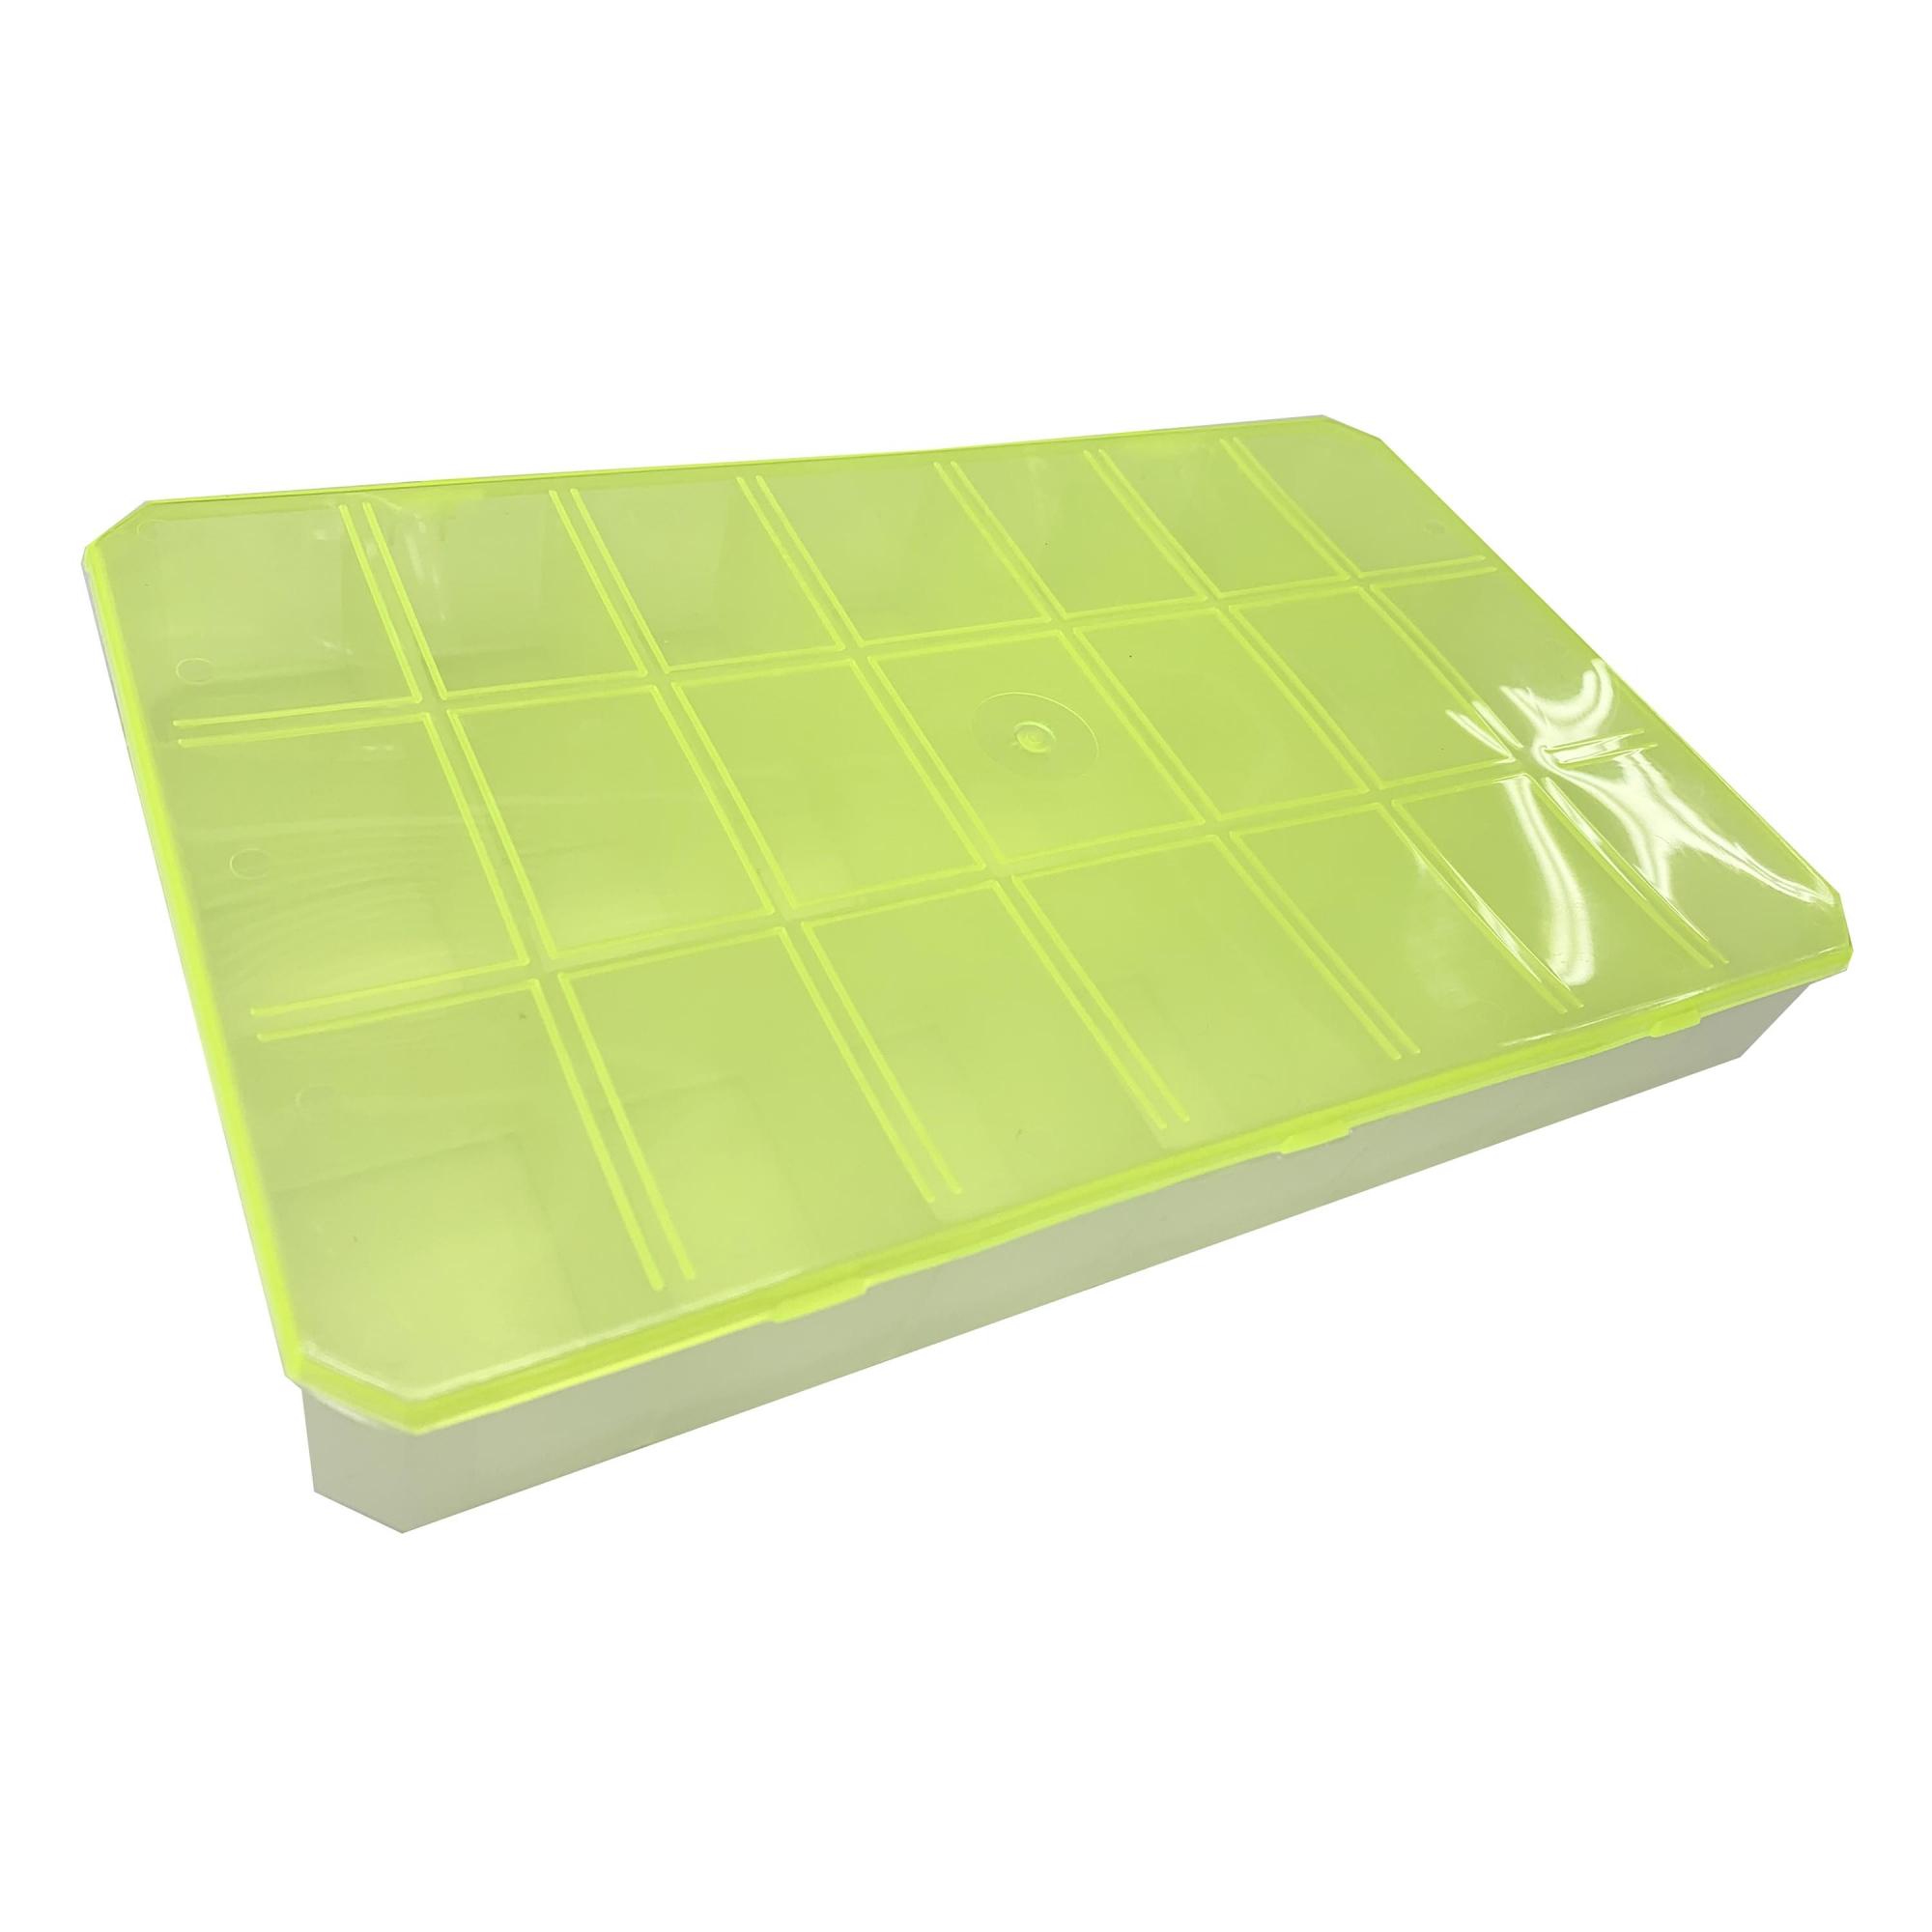 Caixa Organizadora - Amarela Transparente  - Stéphanie Bijoux® - Peças para Bijuterias e Artesanato